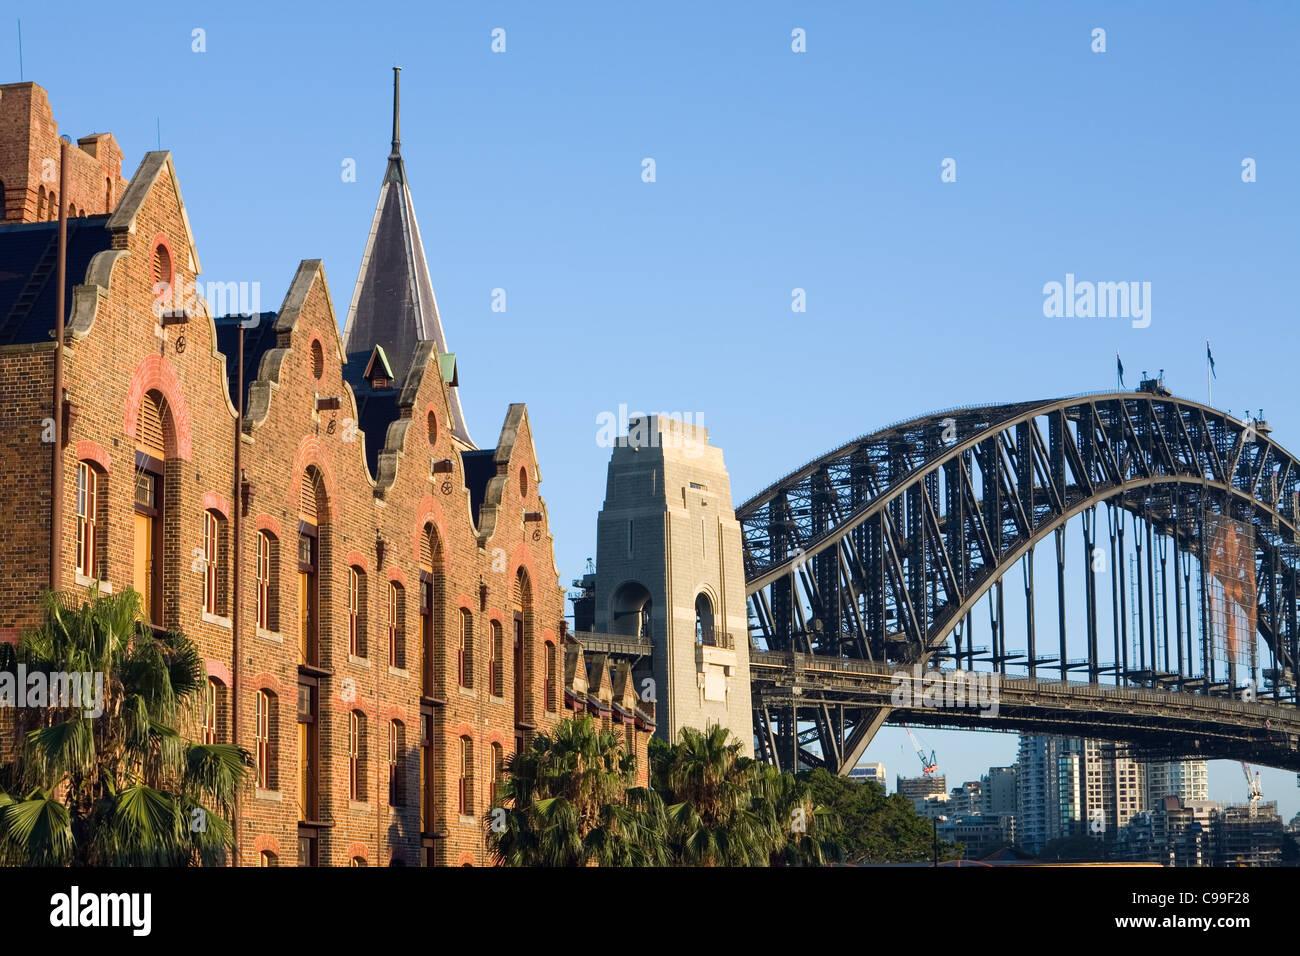 Die Architektur der Australasian Steam Navigation Co. Gebäude und Harbour Bridge.  Sydney, New South Wales, Australien Stockfoto